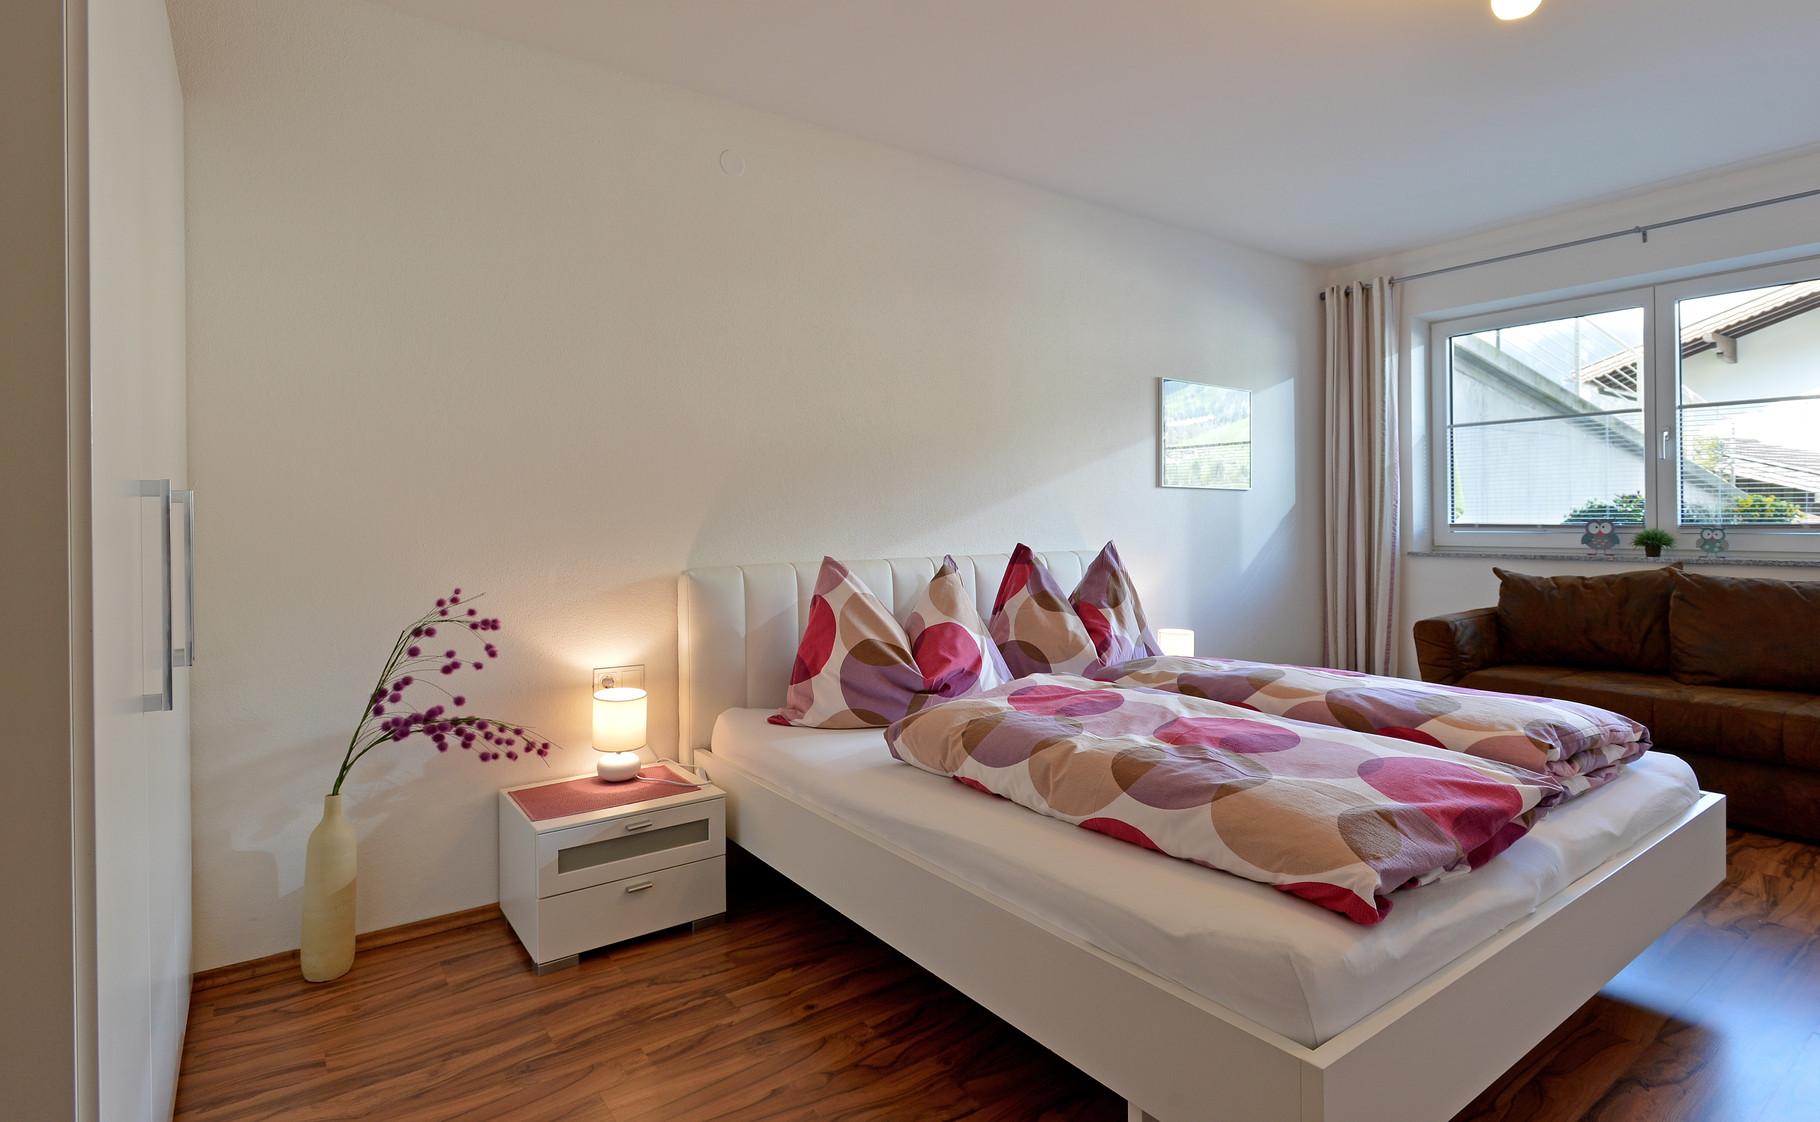 Doppelzimmer samt Schlafcouch für 1 weitere Person (Bad ensuite) - Apart Rauch